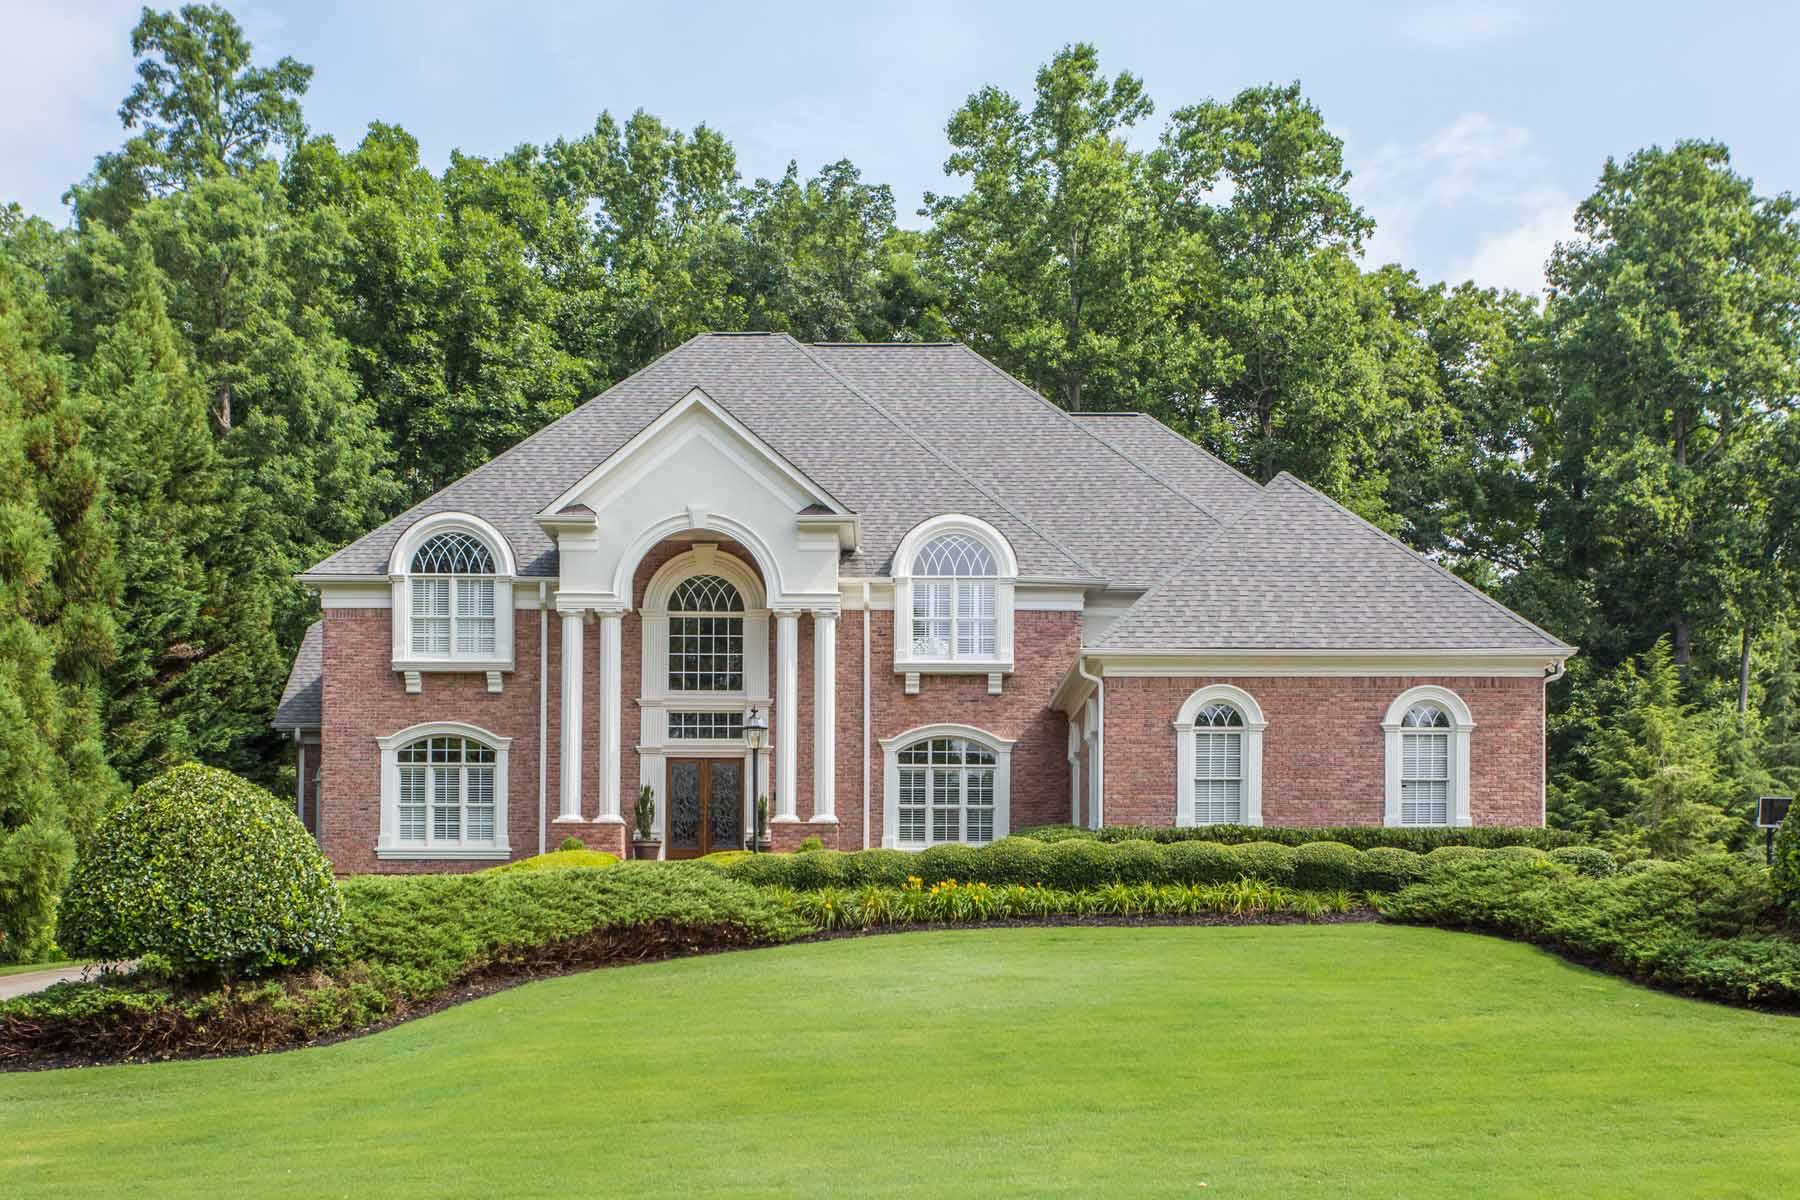 Einfamilienhaus für Verkauf beim The Heart of Country Club Living 6355 Westchester Place Cumming, Georgia 30040 Vereinigte Staaten